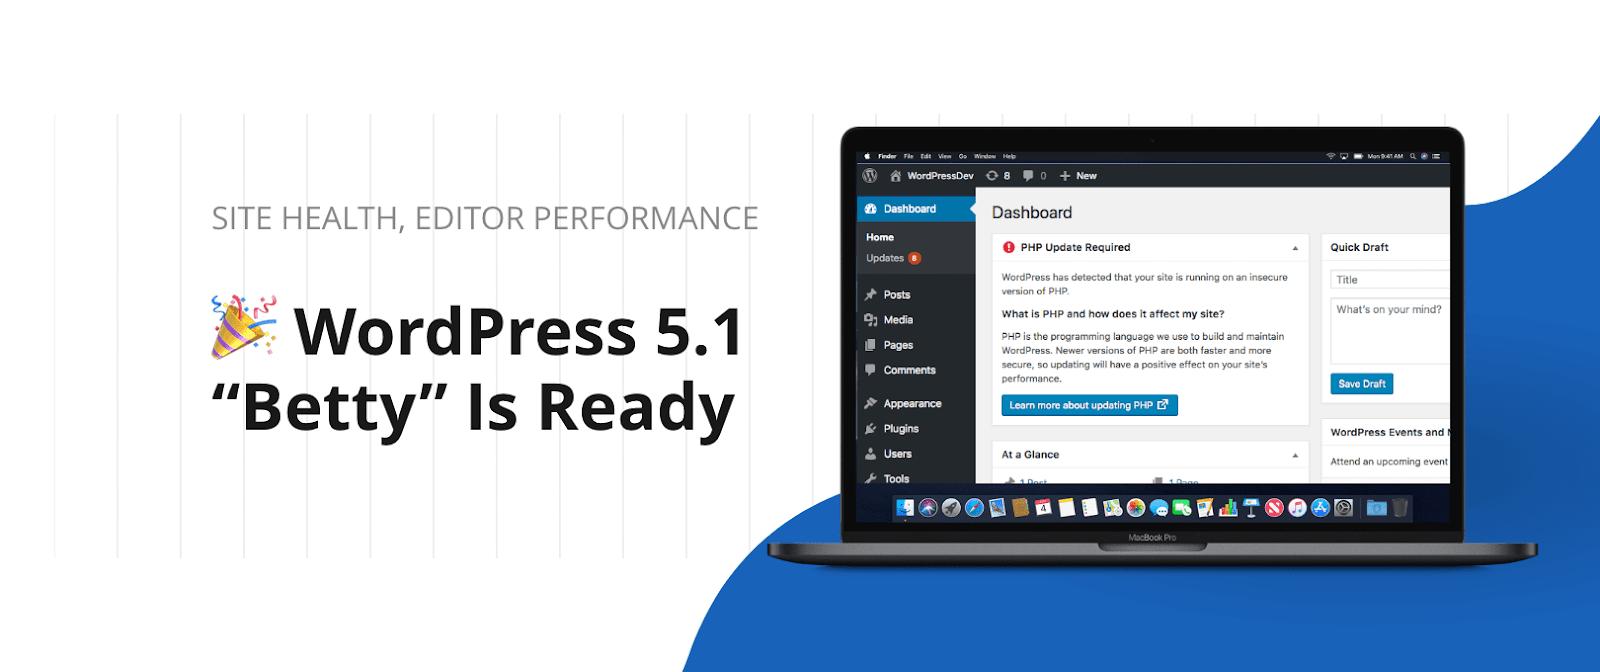 WordPress 5.1 Betty Is Ready